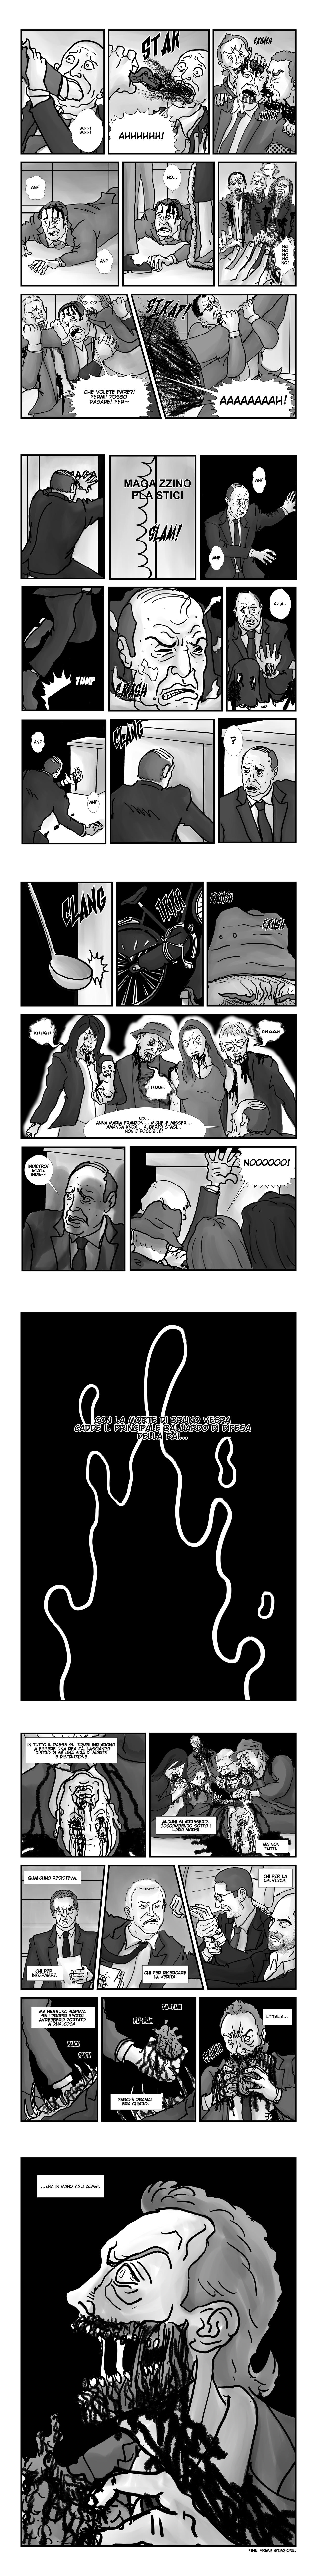 Capitolo 9 – Morte a Morte